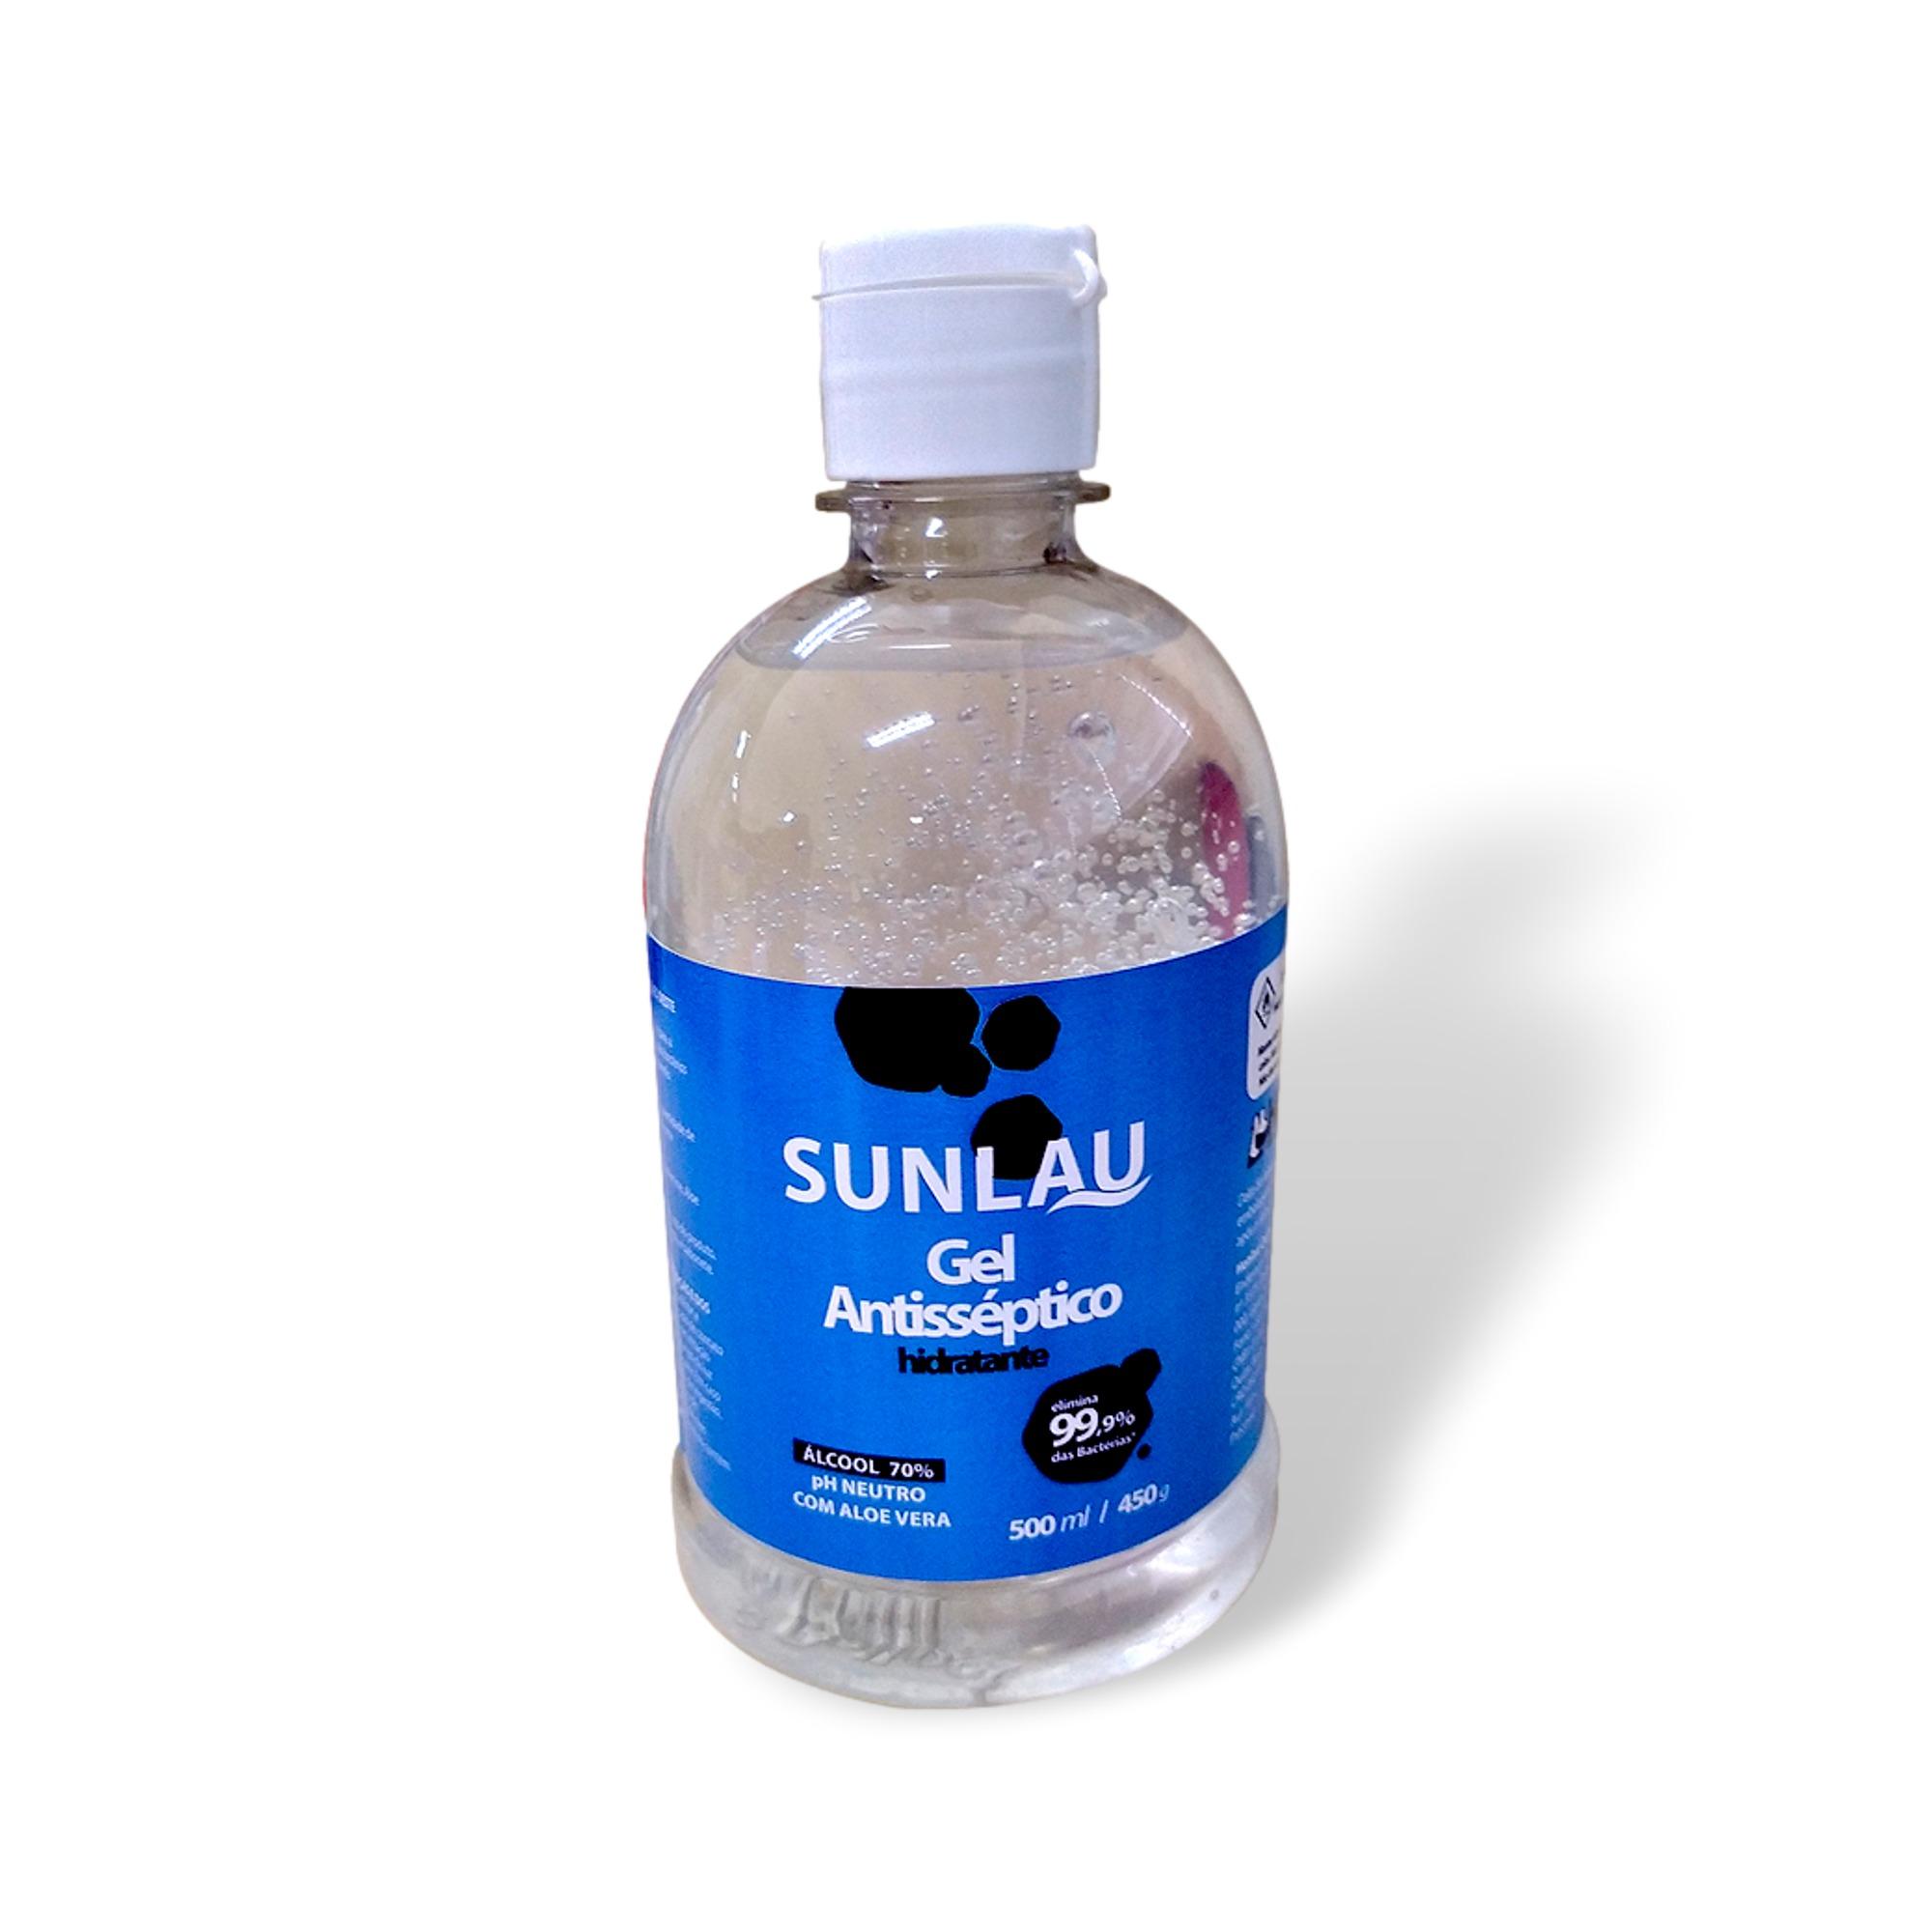 ALCOOL EM GEL ANTISSEPTICO COM ALOE VERA SUNLAU -  500ML  - DE PAULA EPI